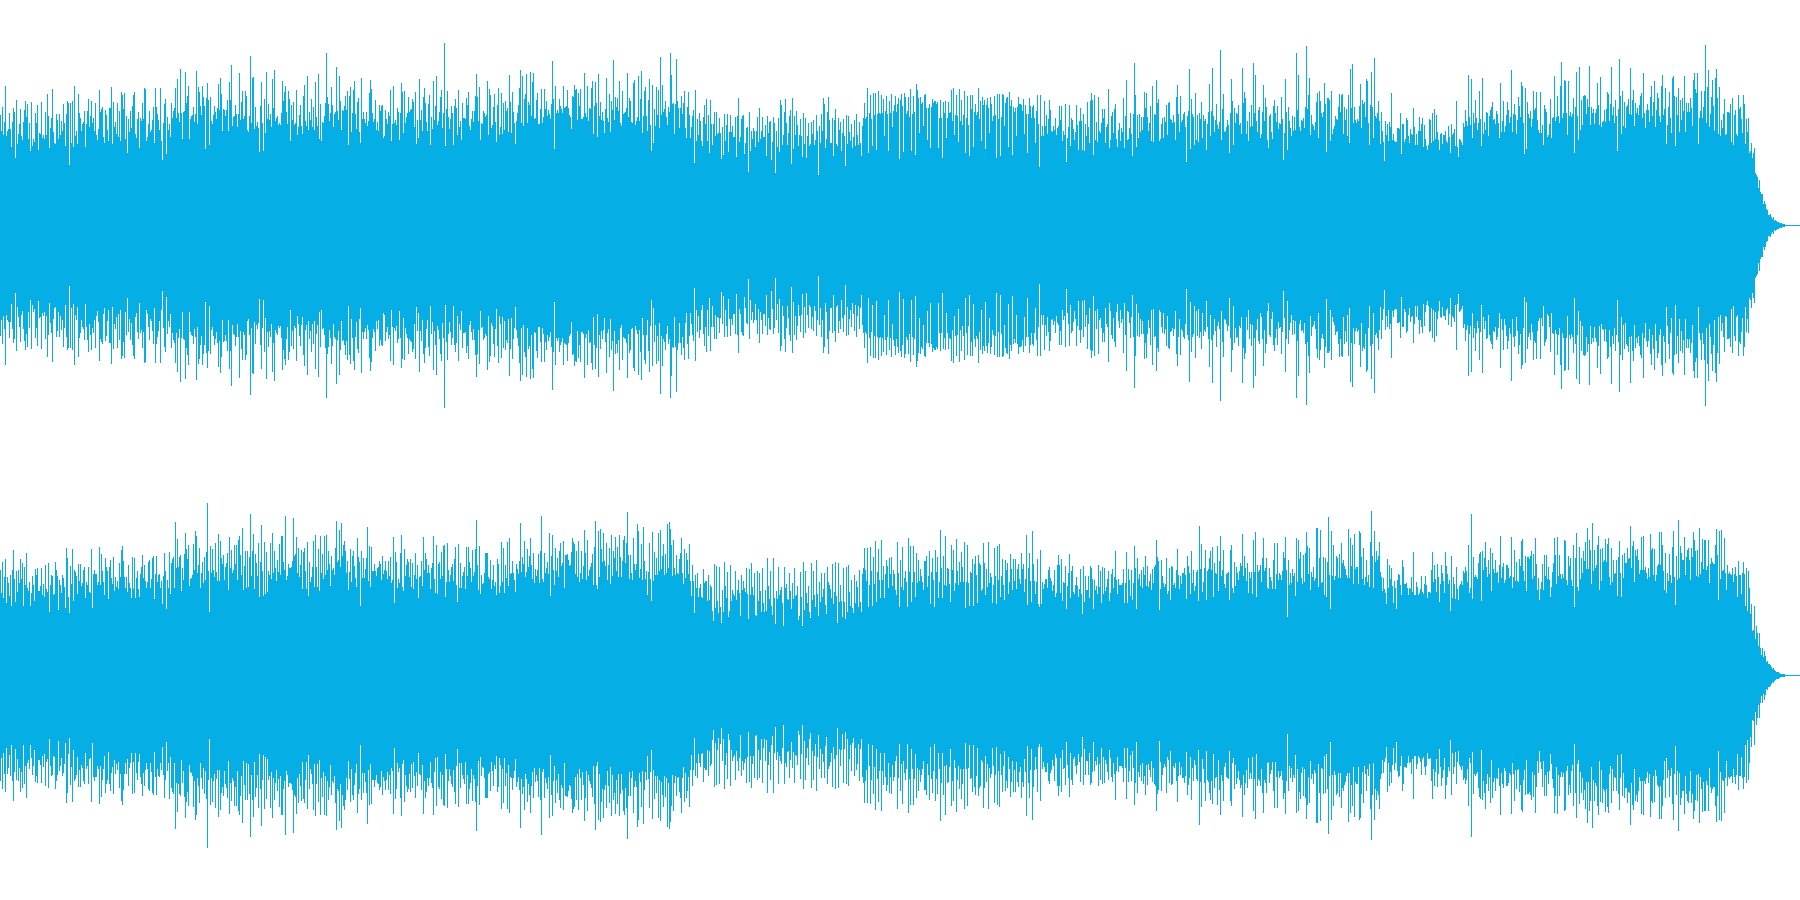 ブログレッシブハウス系の再生済みの波形